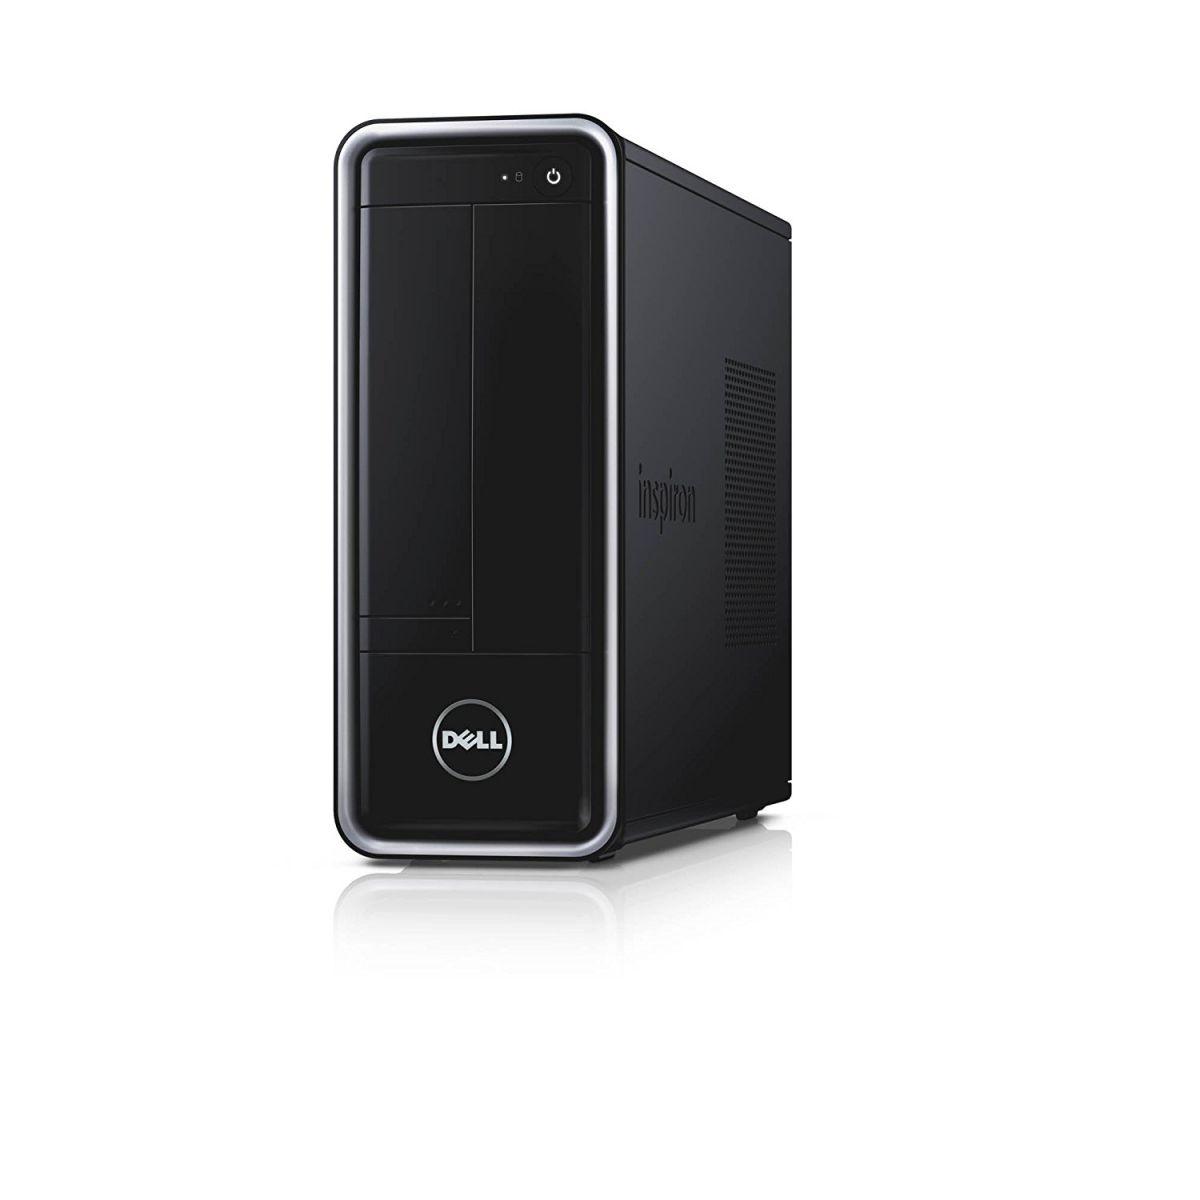 Cpu Dell Inspiron 3647 Intel G3250 /4Gb/500Gb/Dvd/Wifi/W10 Home